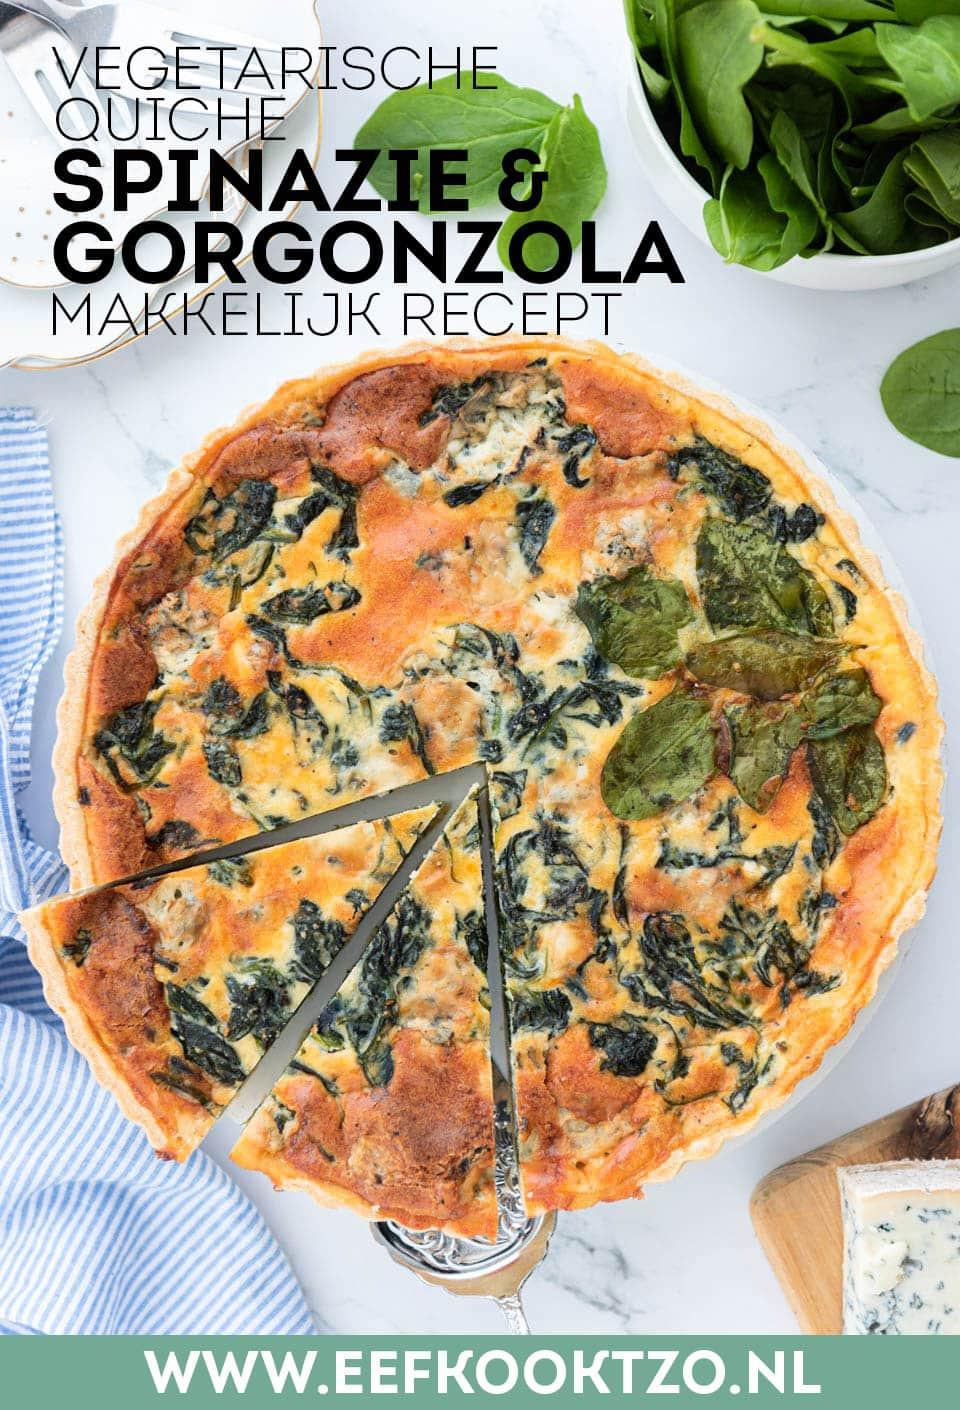 Vegetarische quiche met spinazie en gorgonzola Pinterest Collage